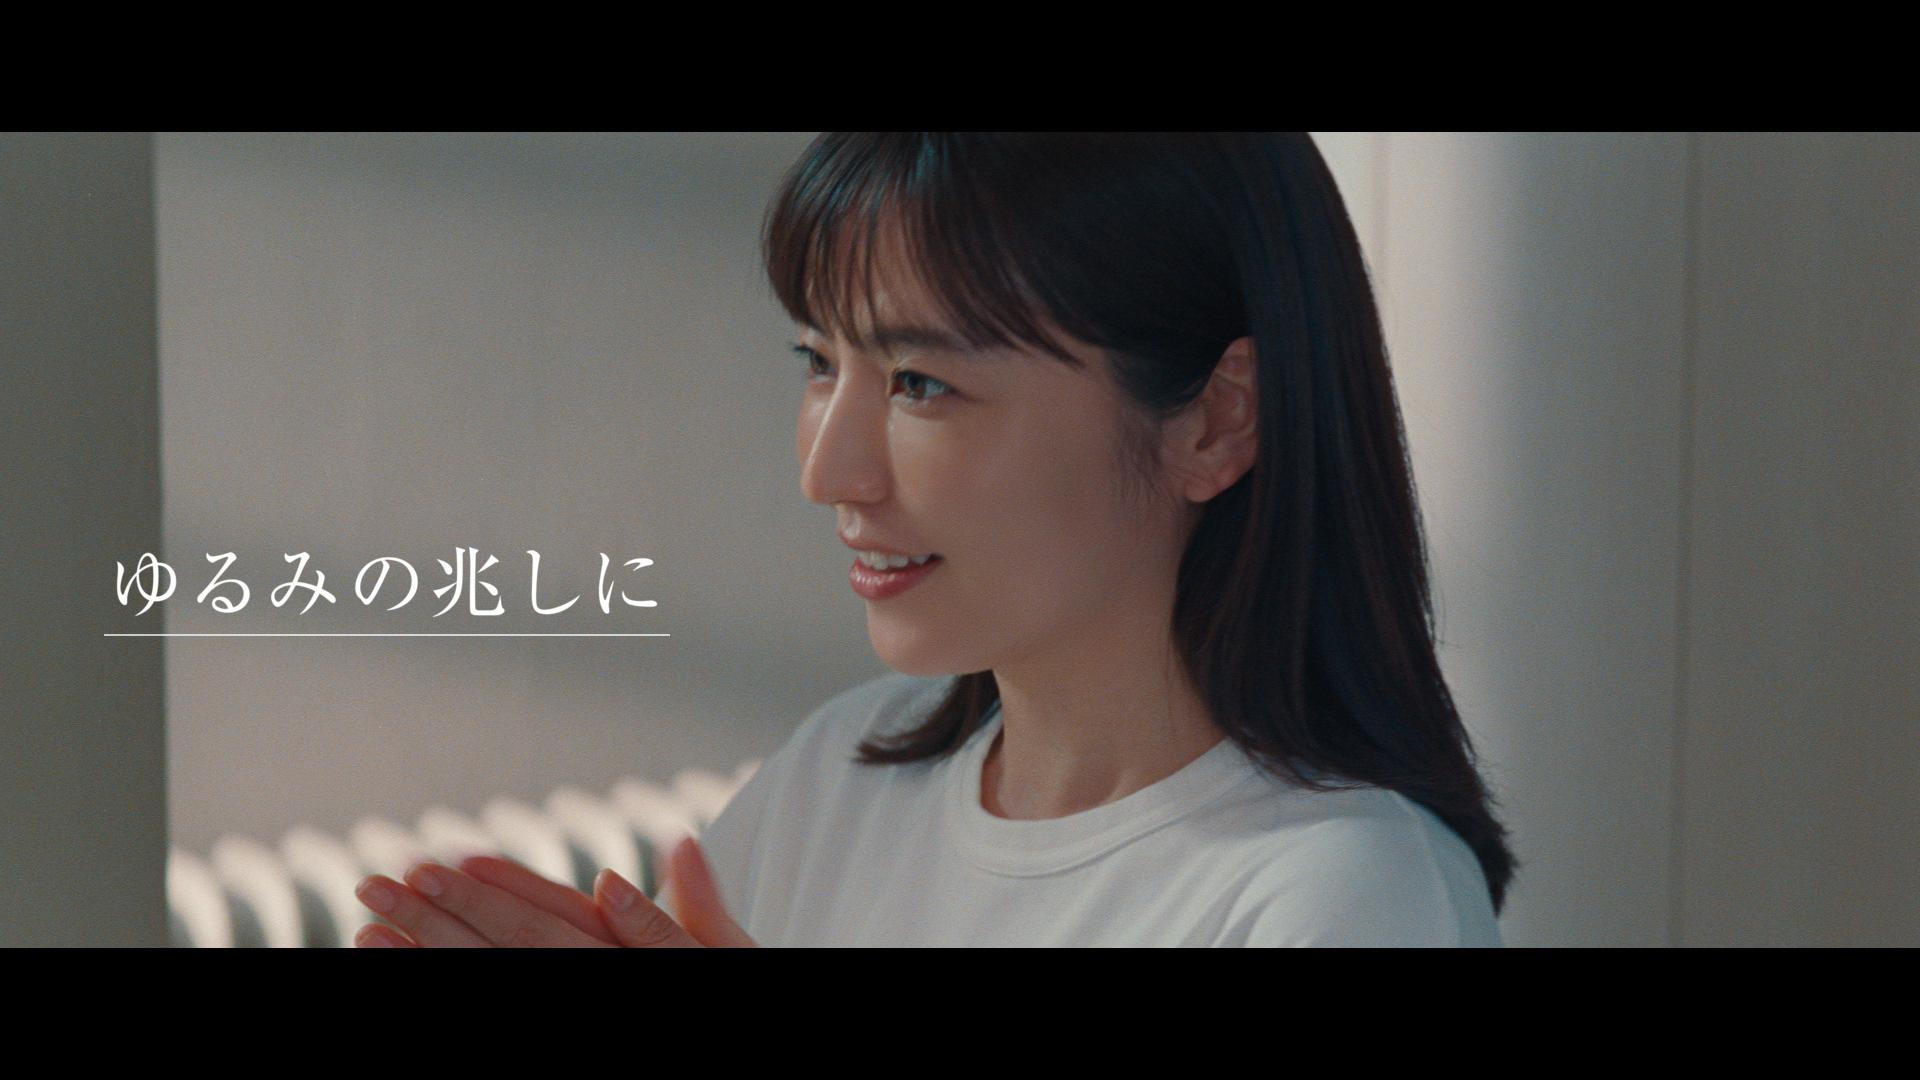 長澤まさみ 、エリクシールの新ミューズに!「デザインタイム美容液」CM